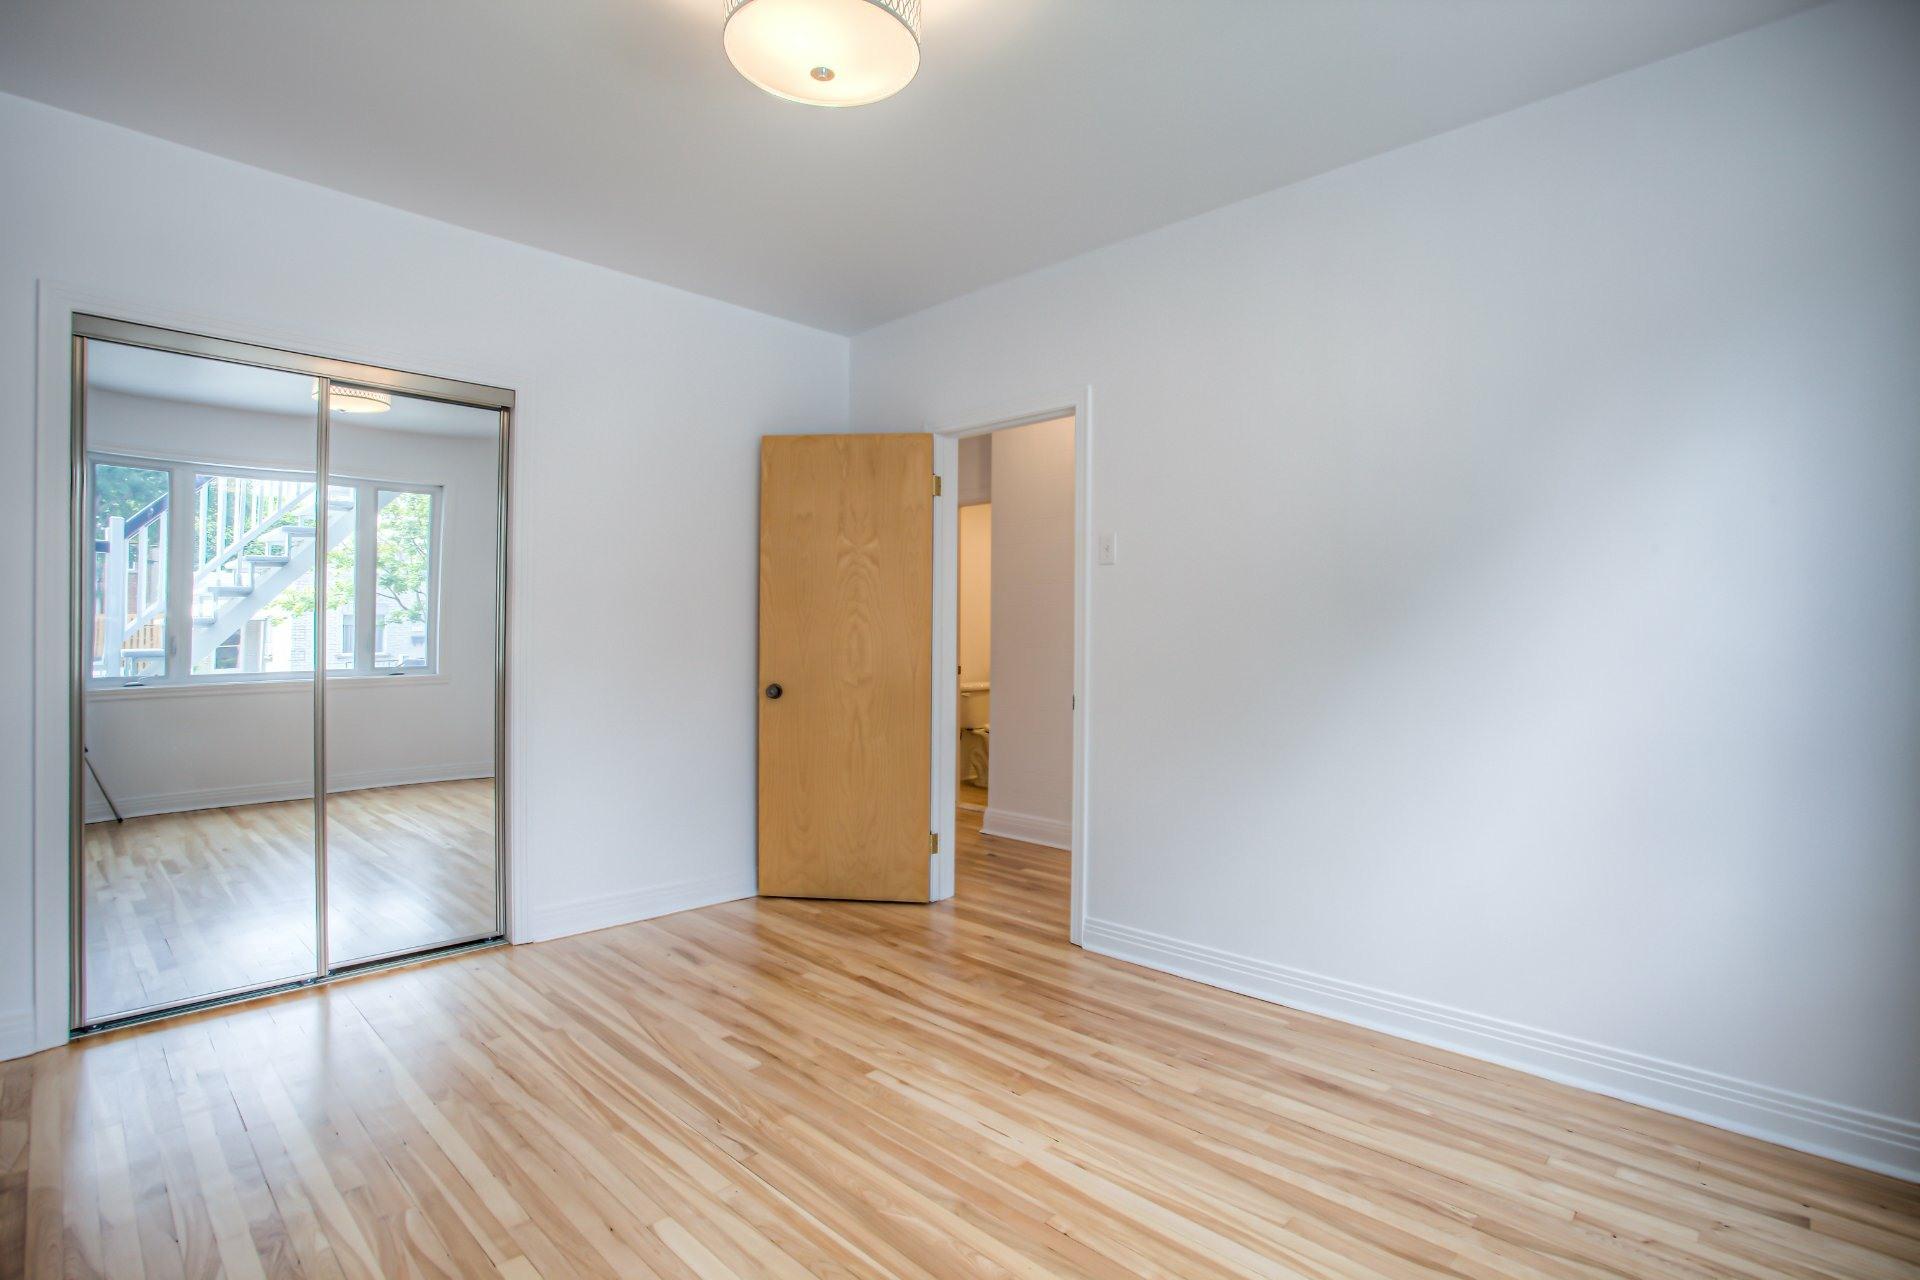 image 7 - Duplex À vendre Le Sud-Ouest Montréal  - 7 pièces